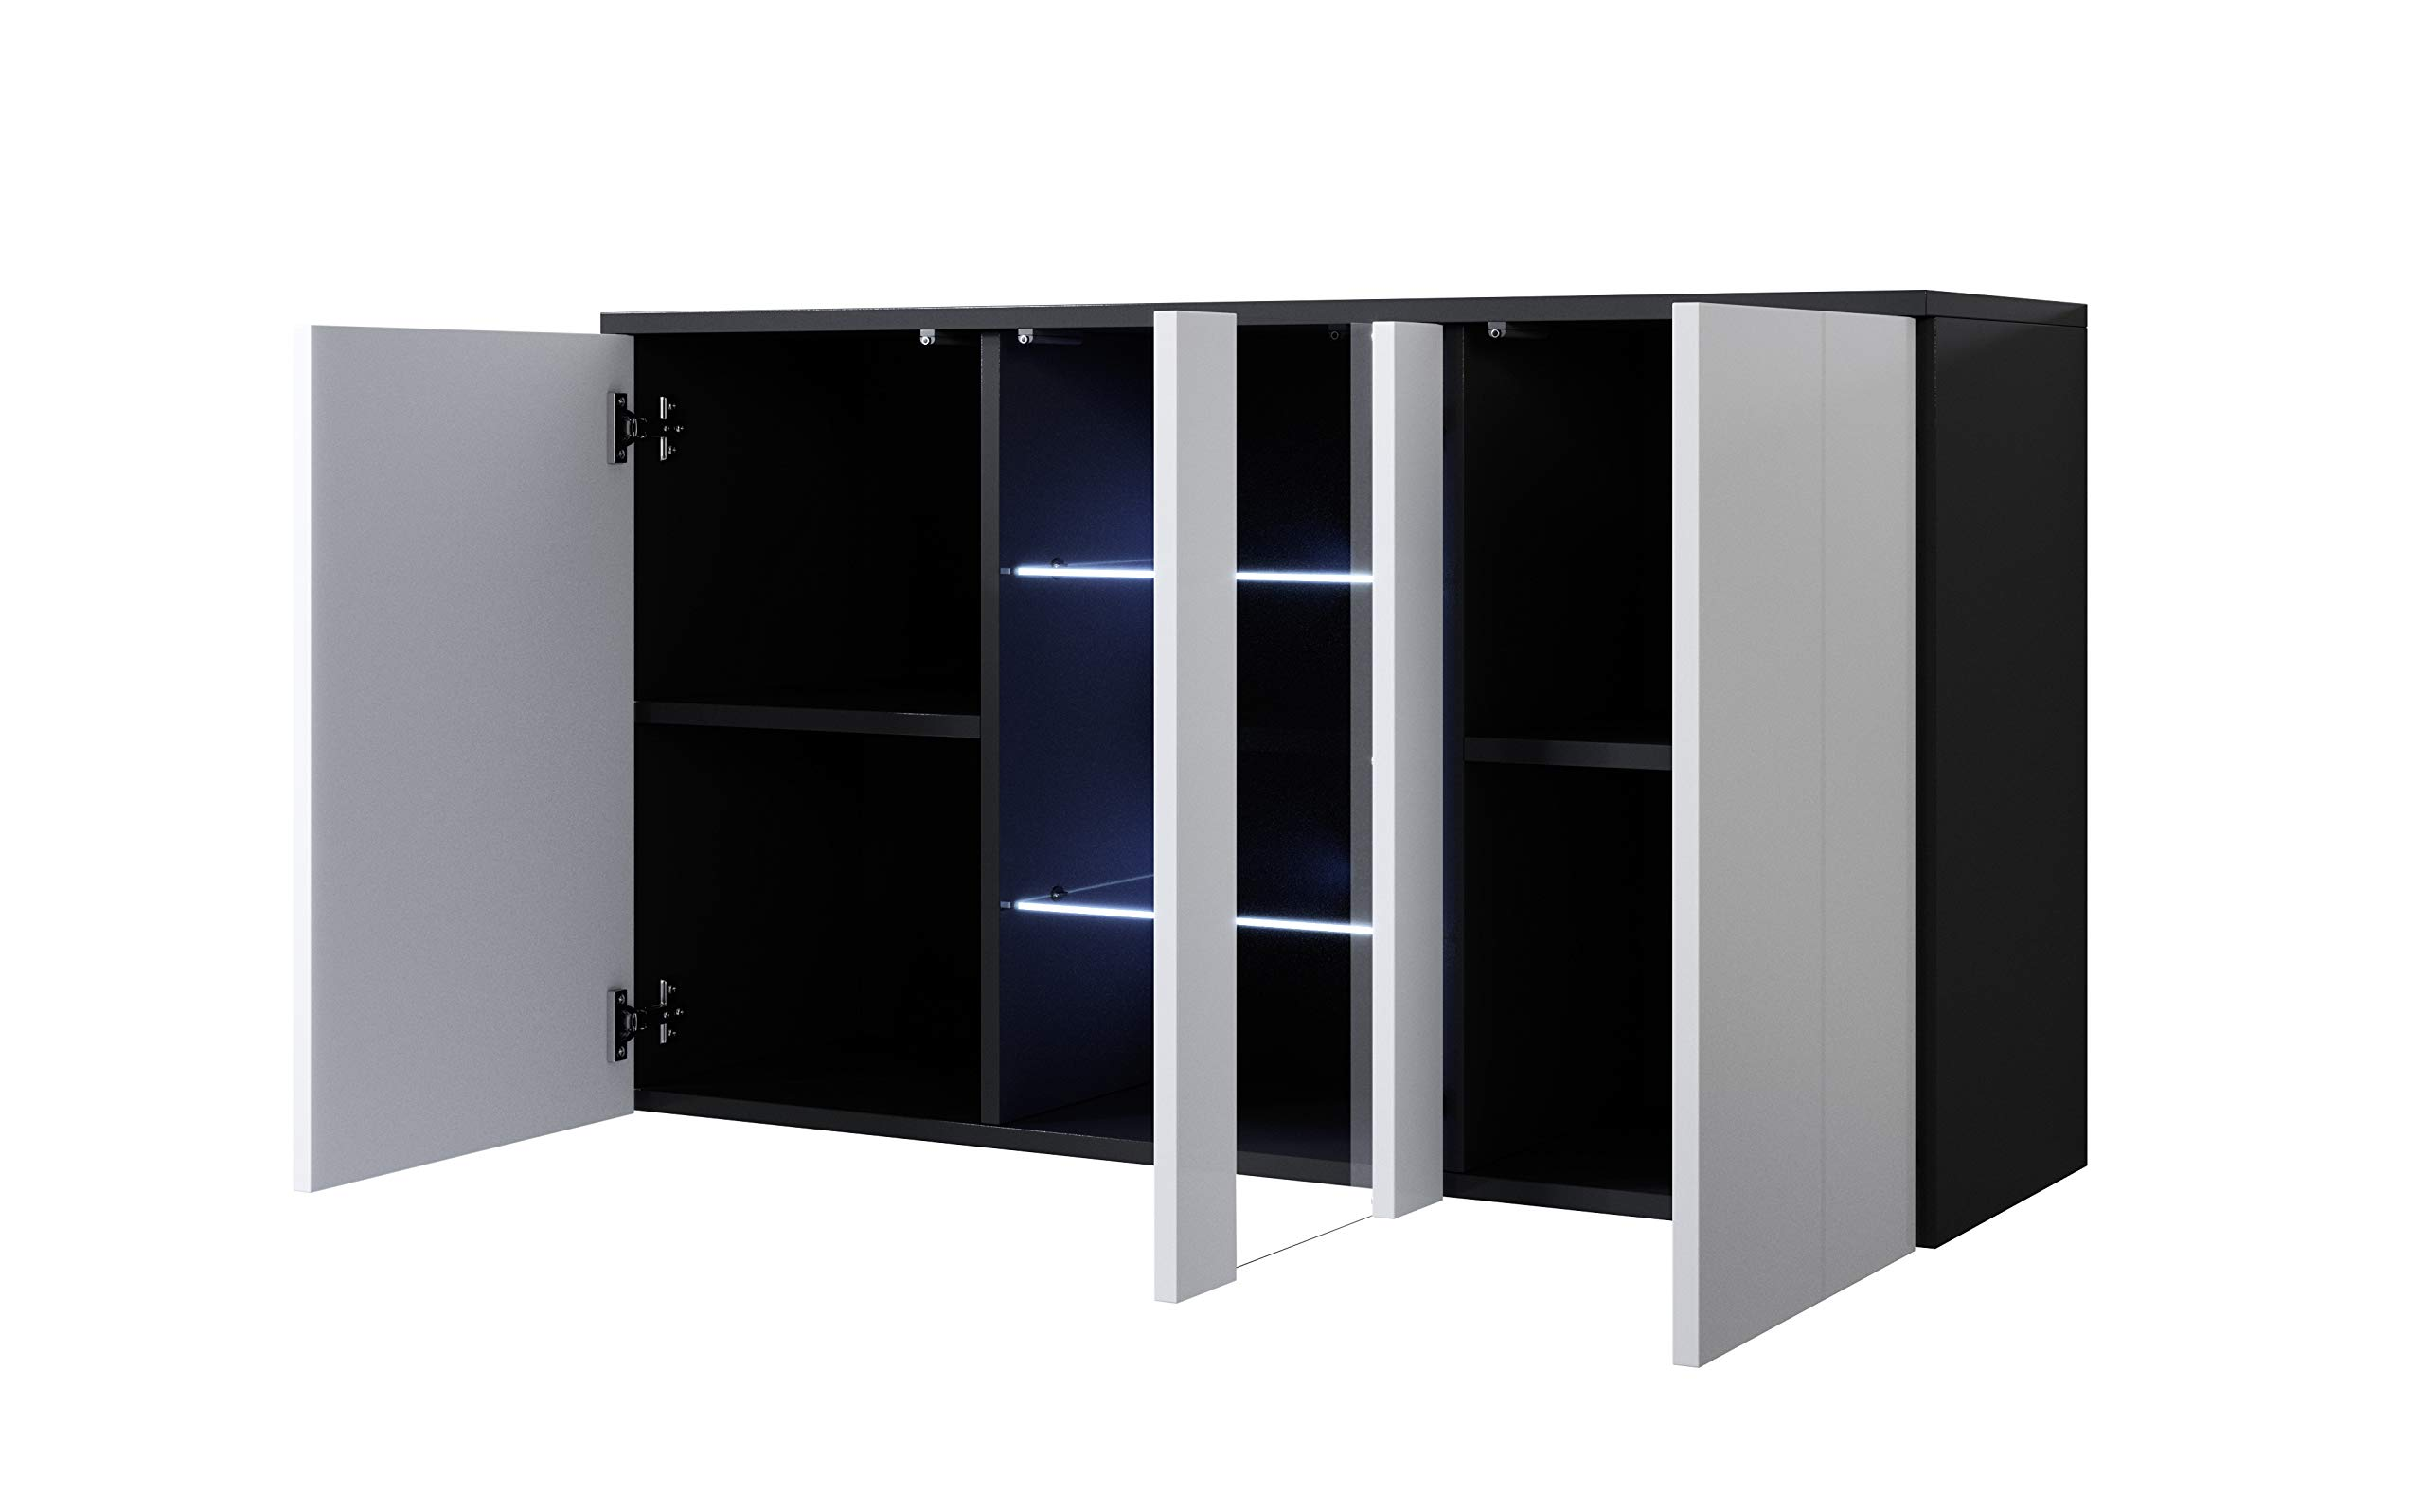 Credenza Con Led : Muebles bonitos letti e mobili credenza modello luke a con led